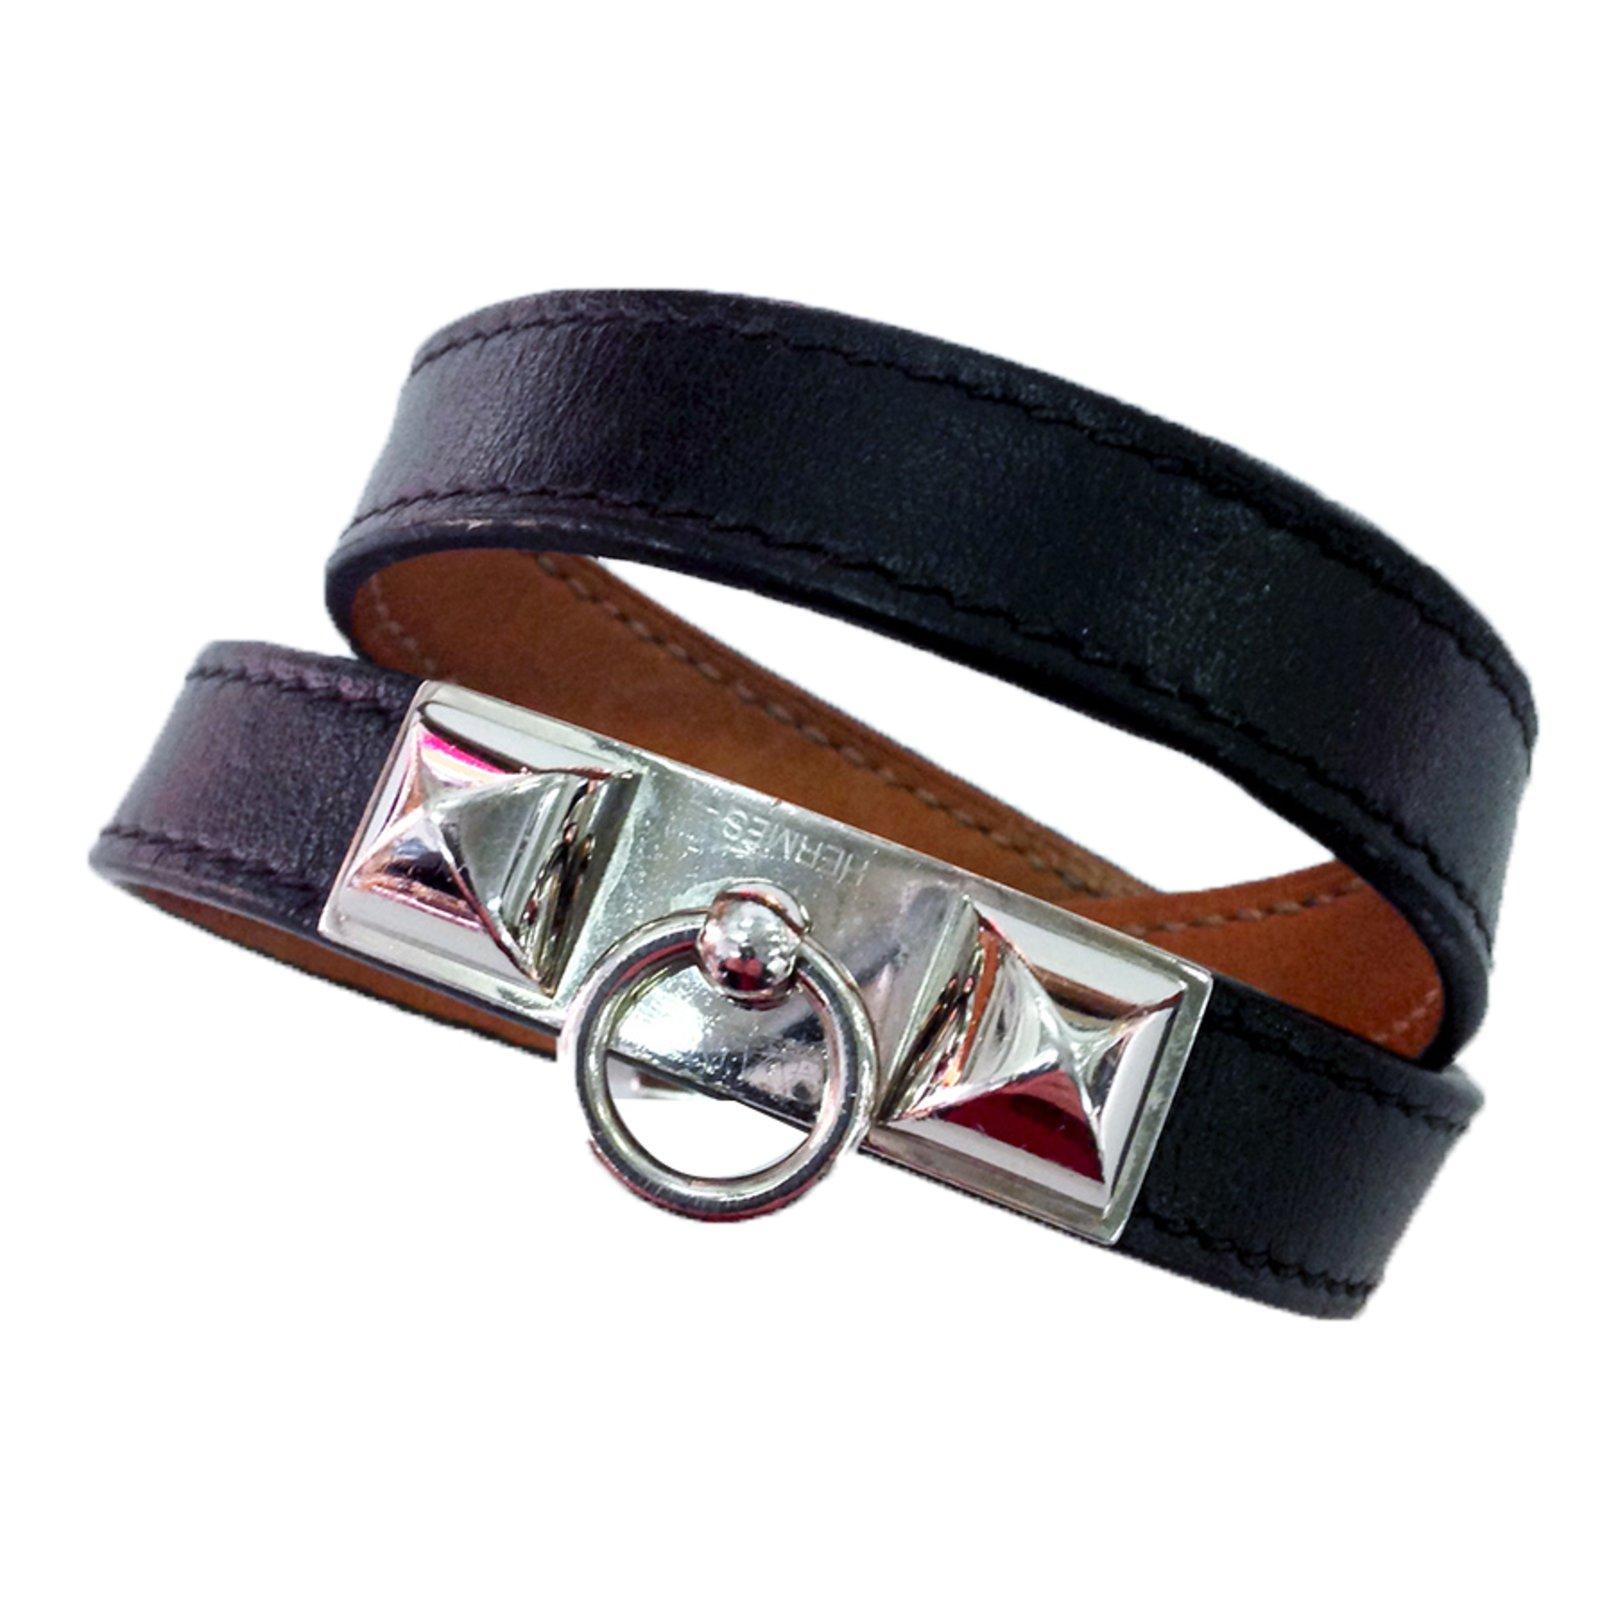 95f564f0be7 Hermès Bracelet Bracelets Leather Black ref.32254 - Joli Closet